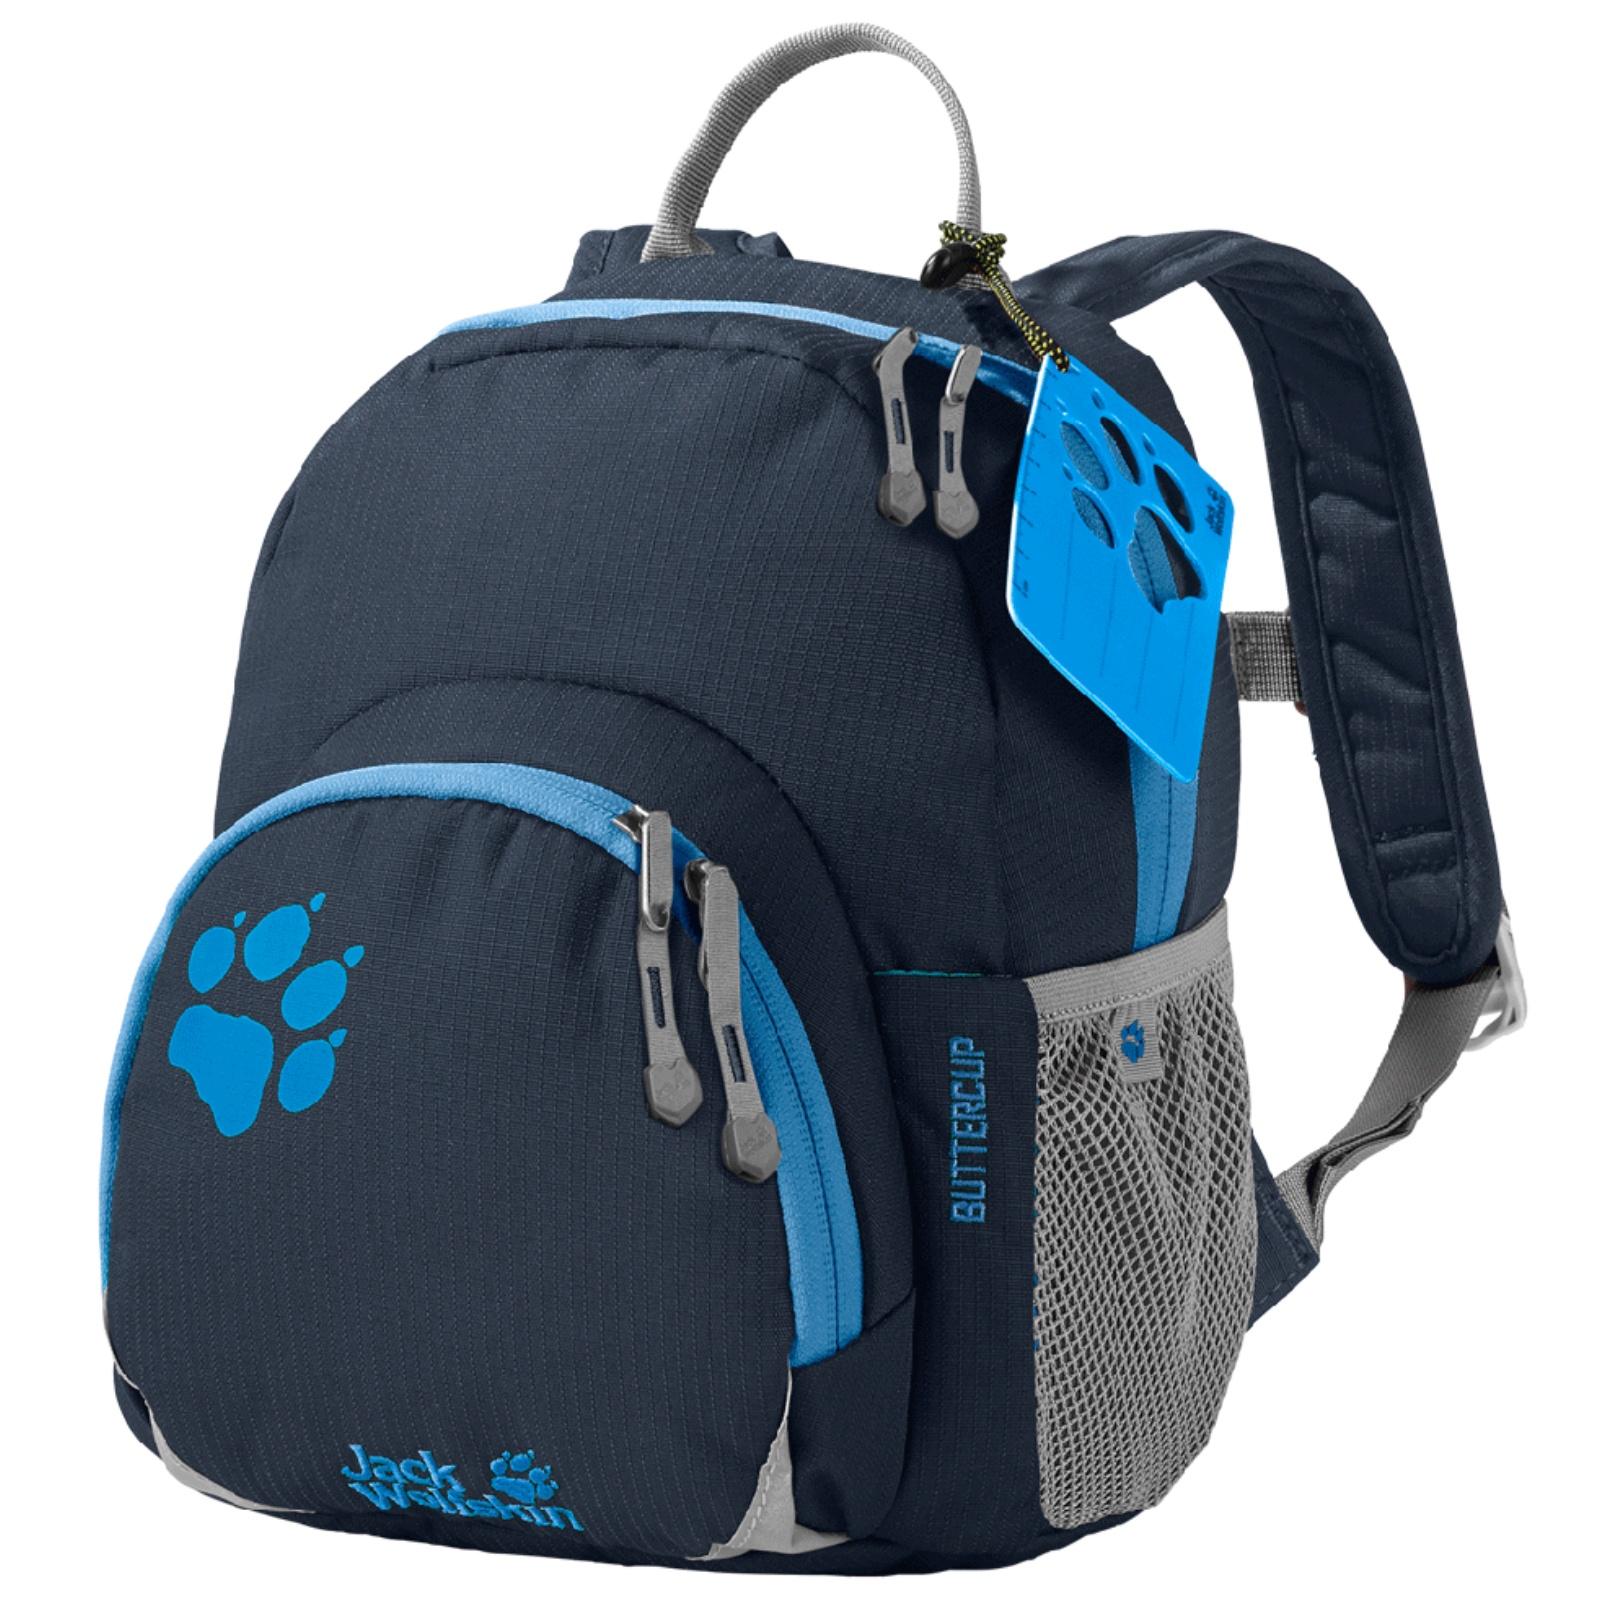 Dětský batoh JACK WOLFSKIN Buttercup - tmavě modrý